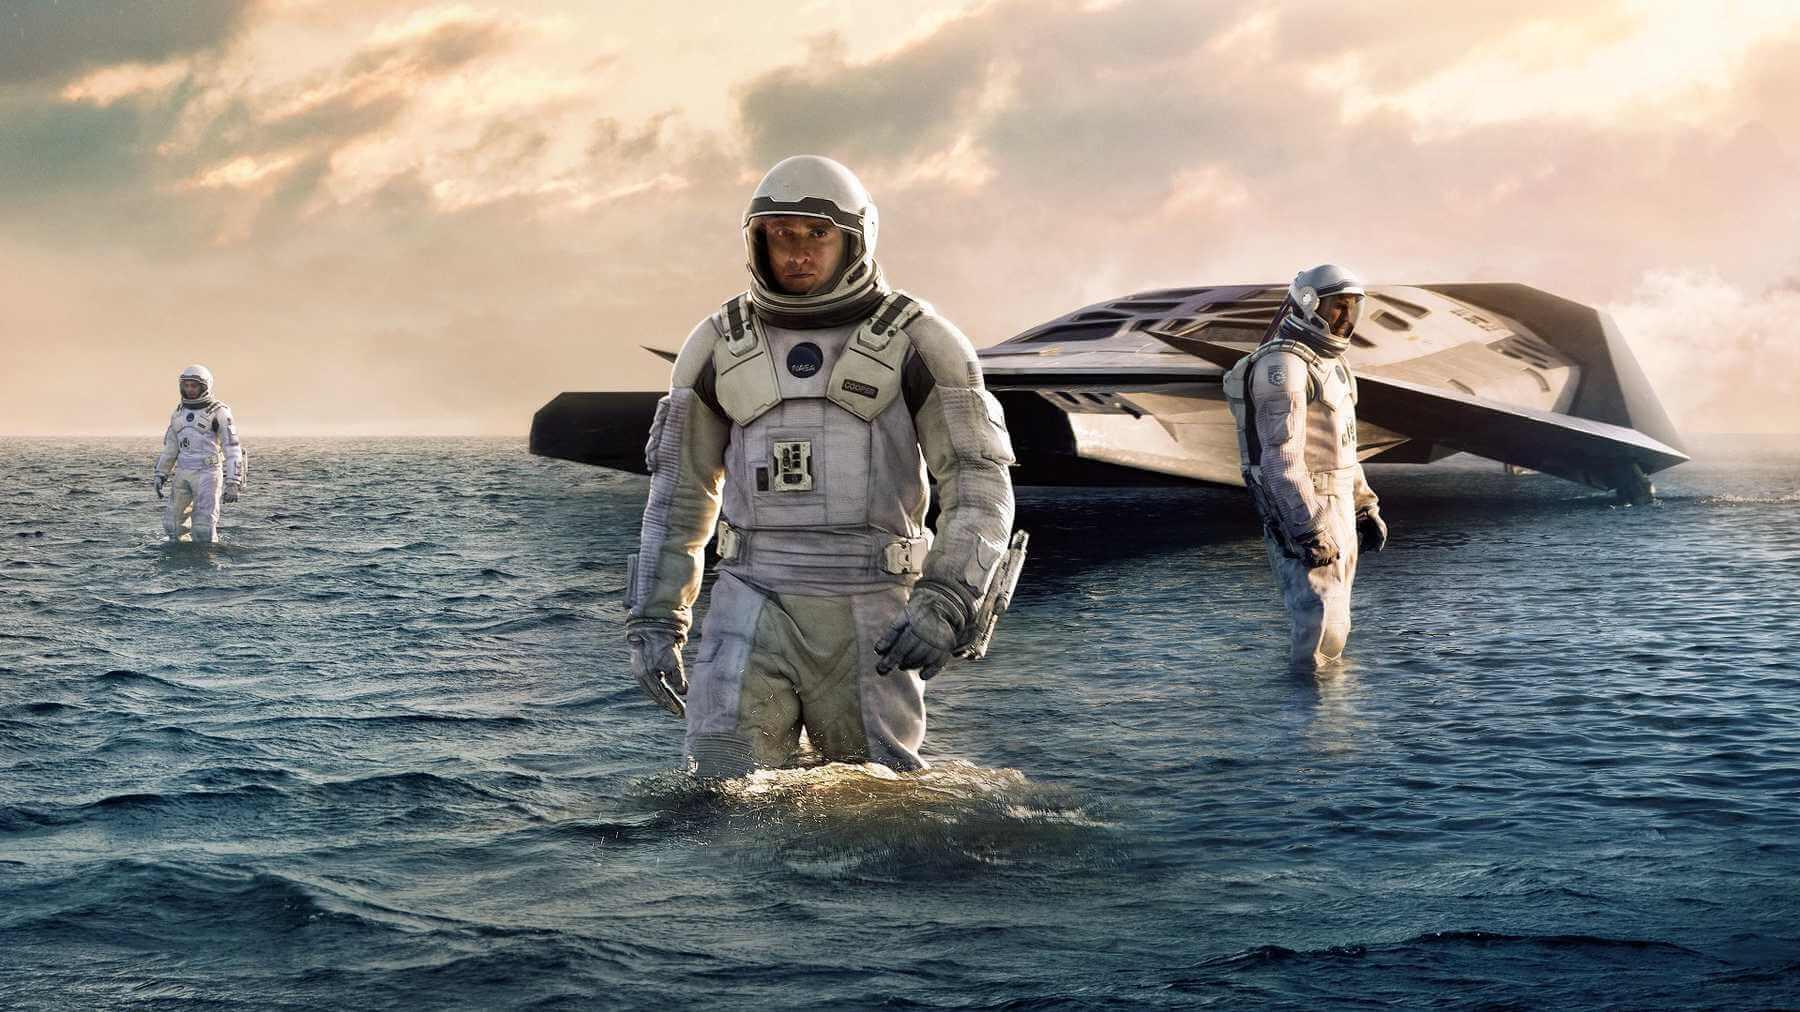 Interstellar Space Movies